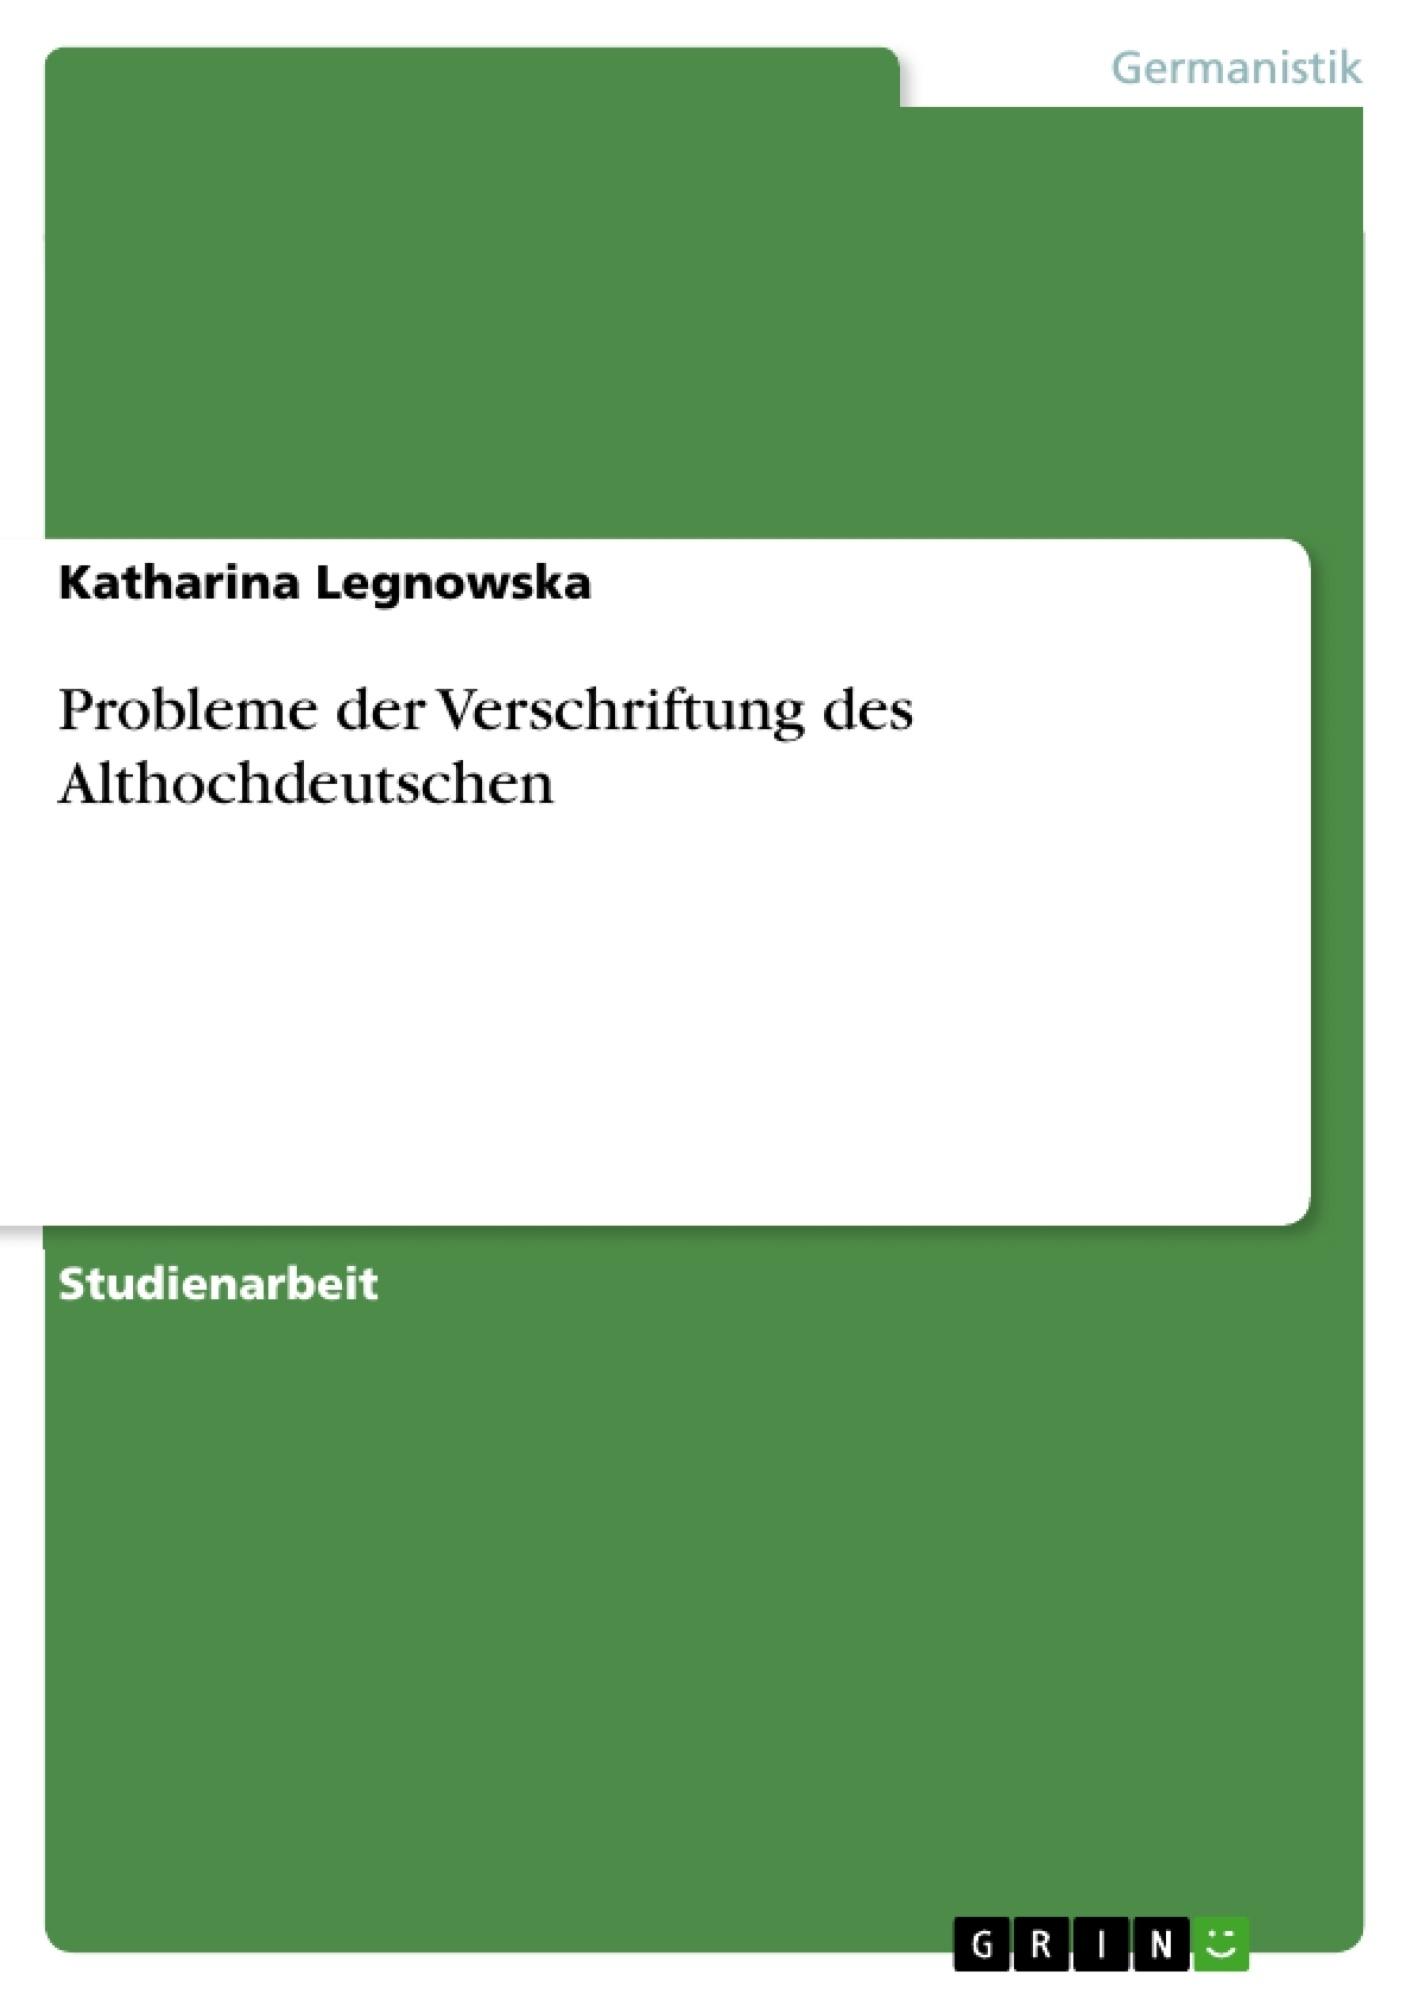 Titel: Probleme der Verschriftung des Althochdeutschen